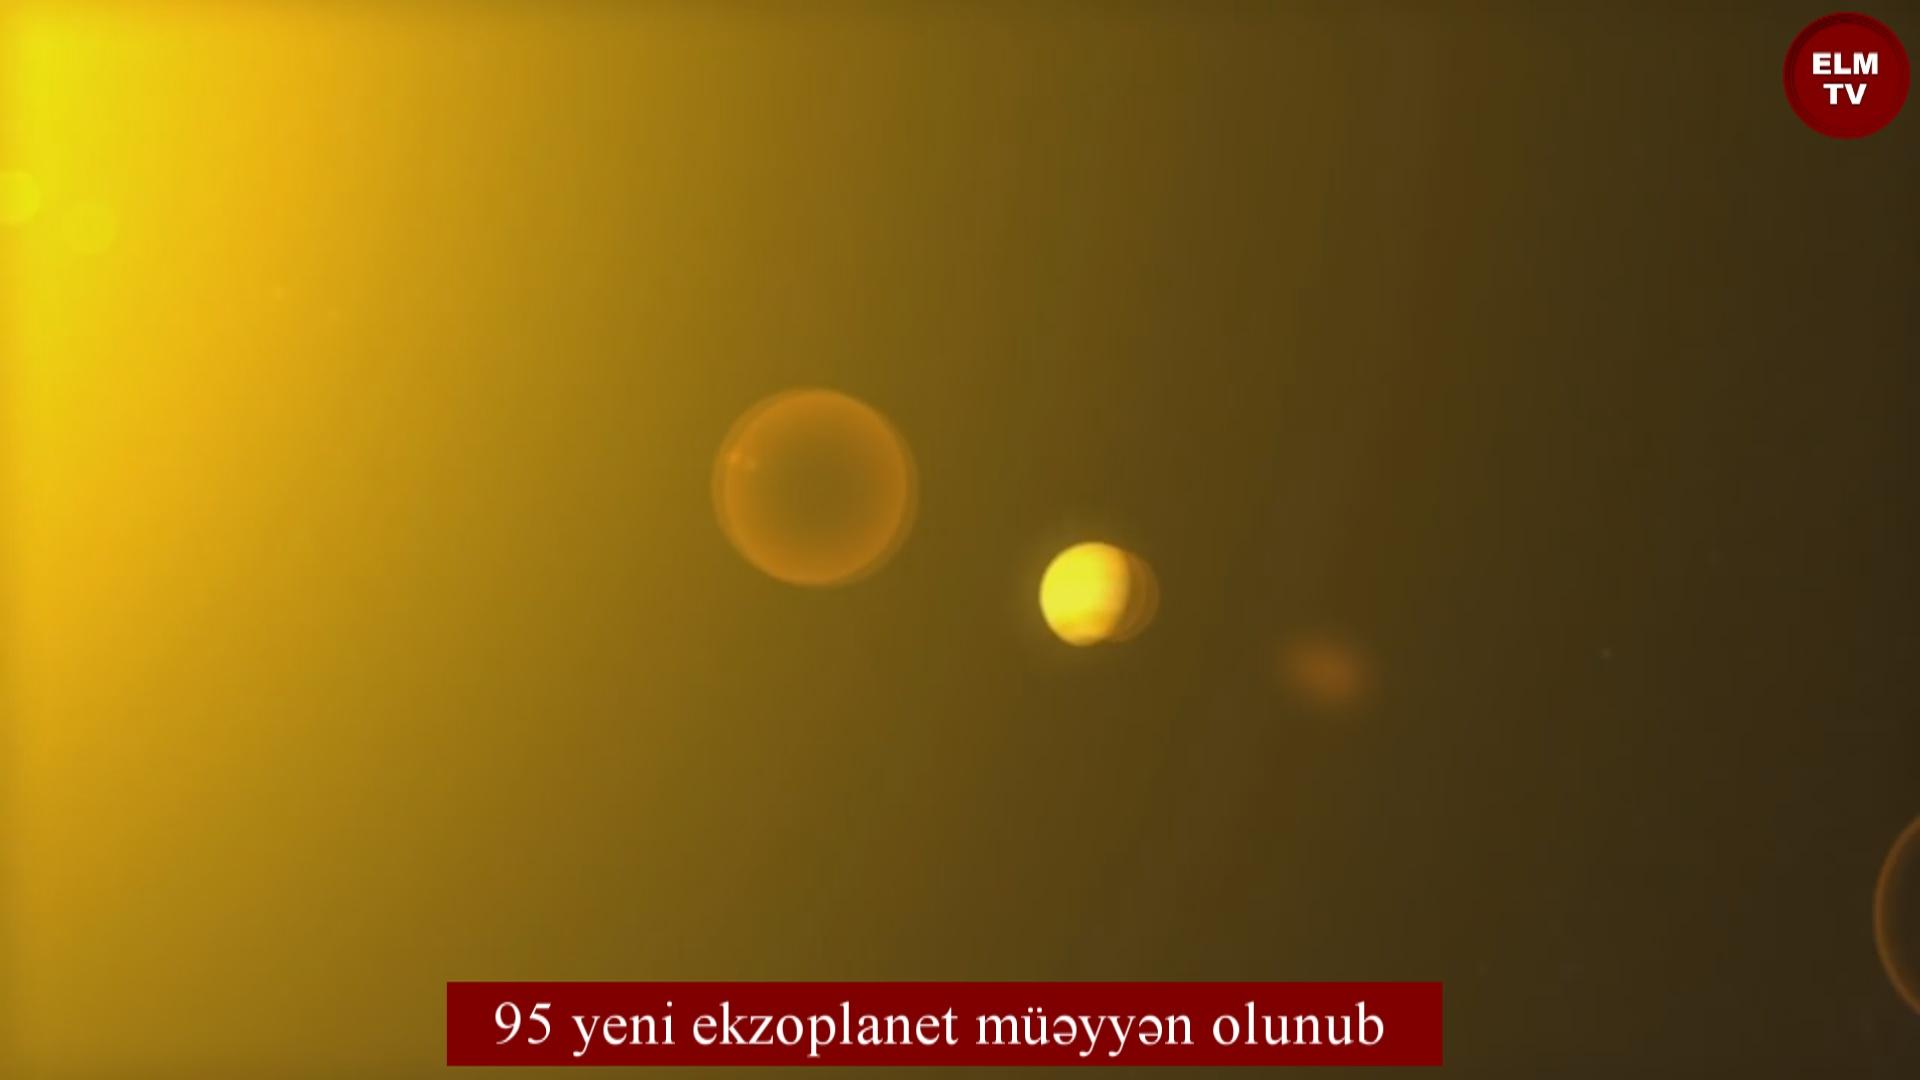 95 yeni ekzoplanet müəyyən olunub